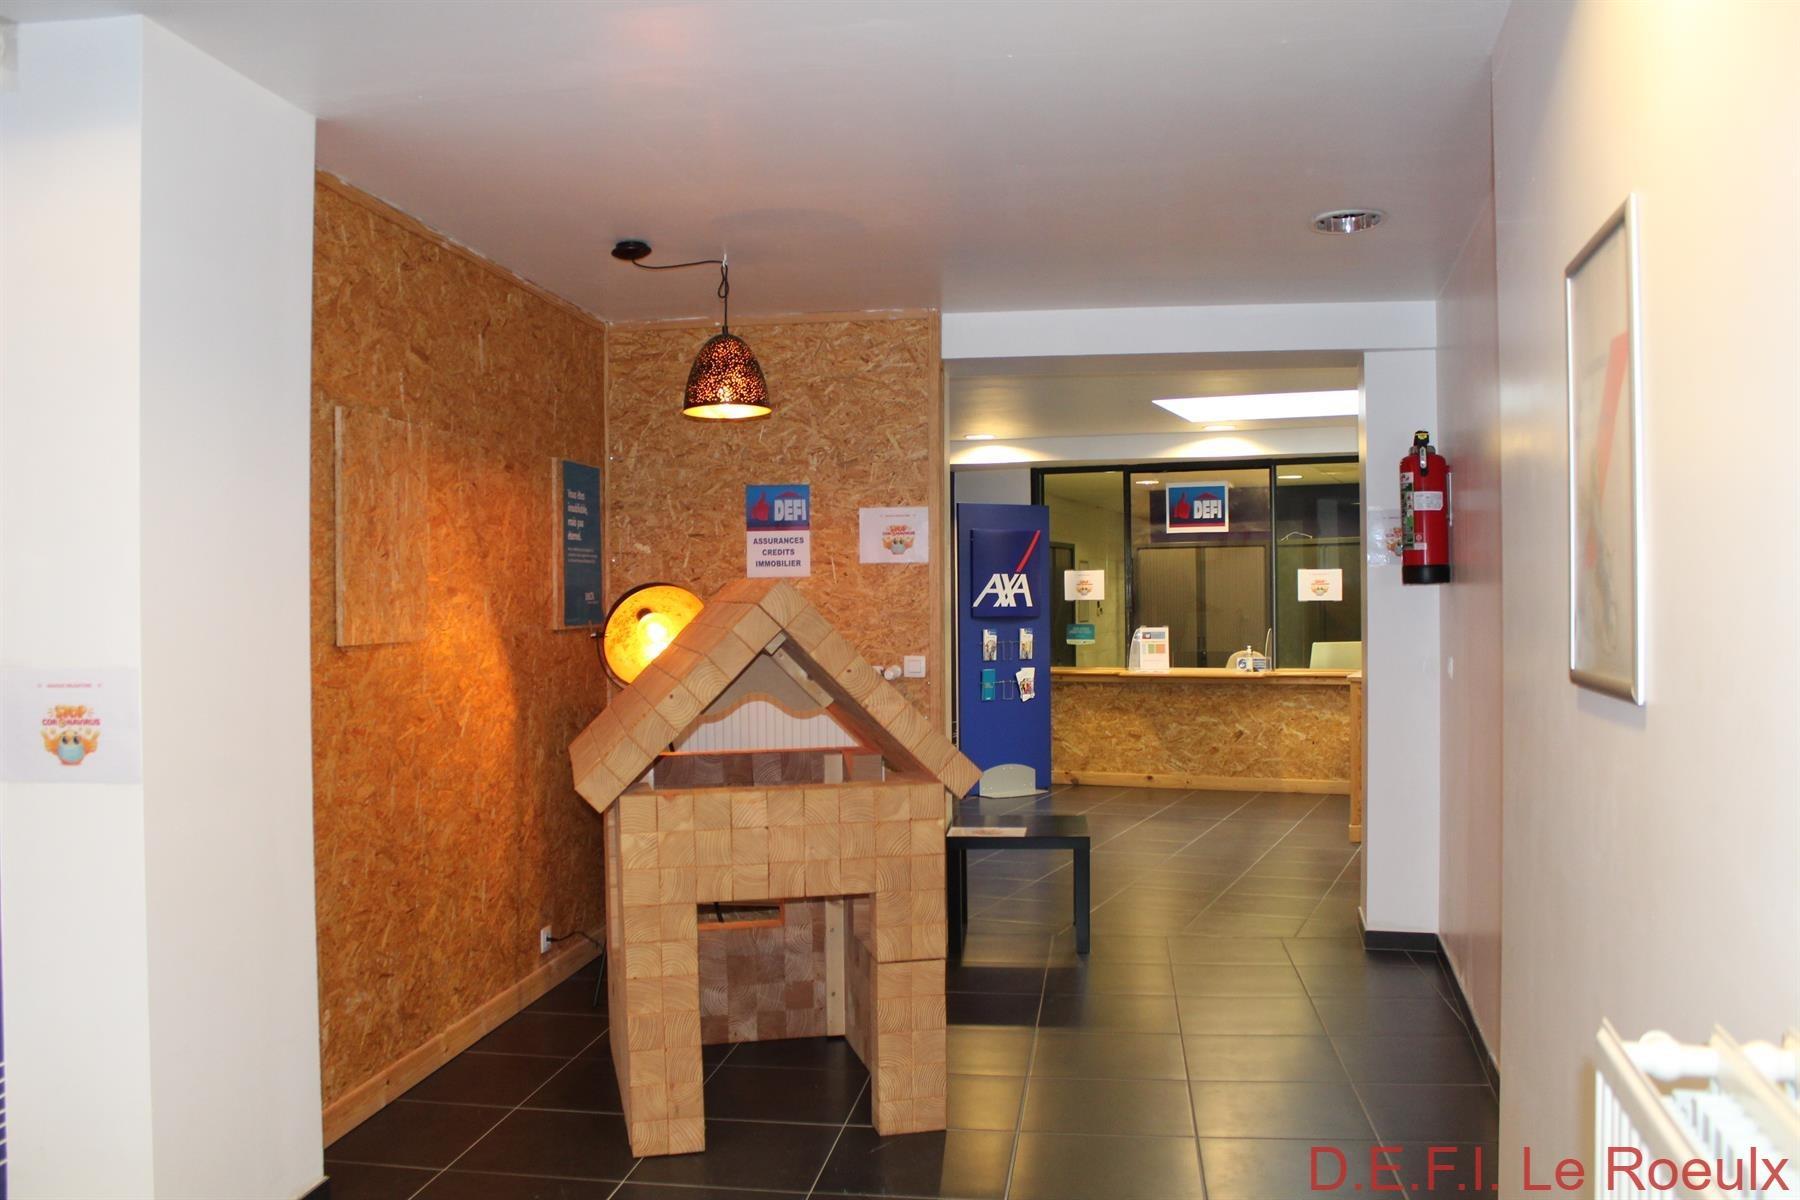 Maison - Le Roeulx - #4489692-10